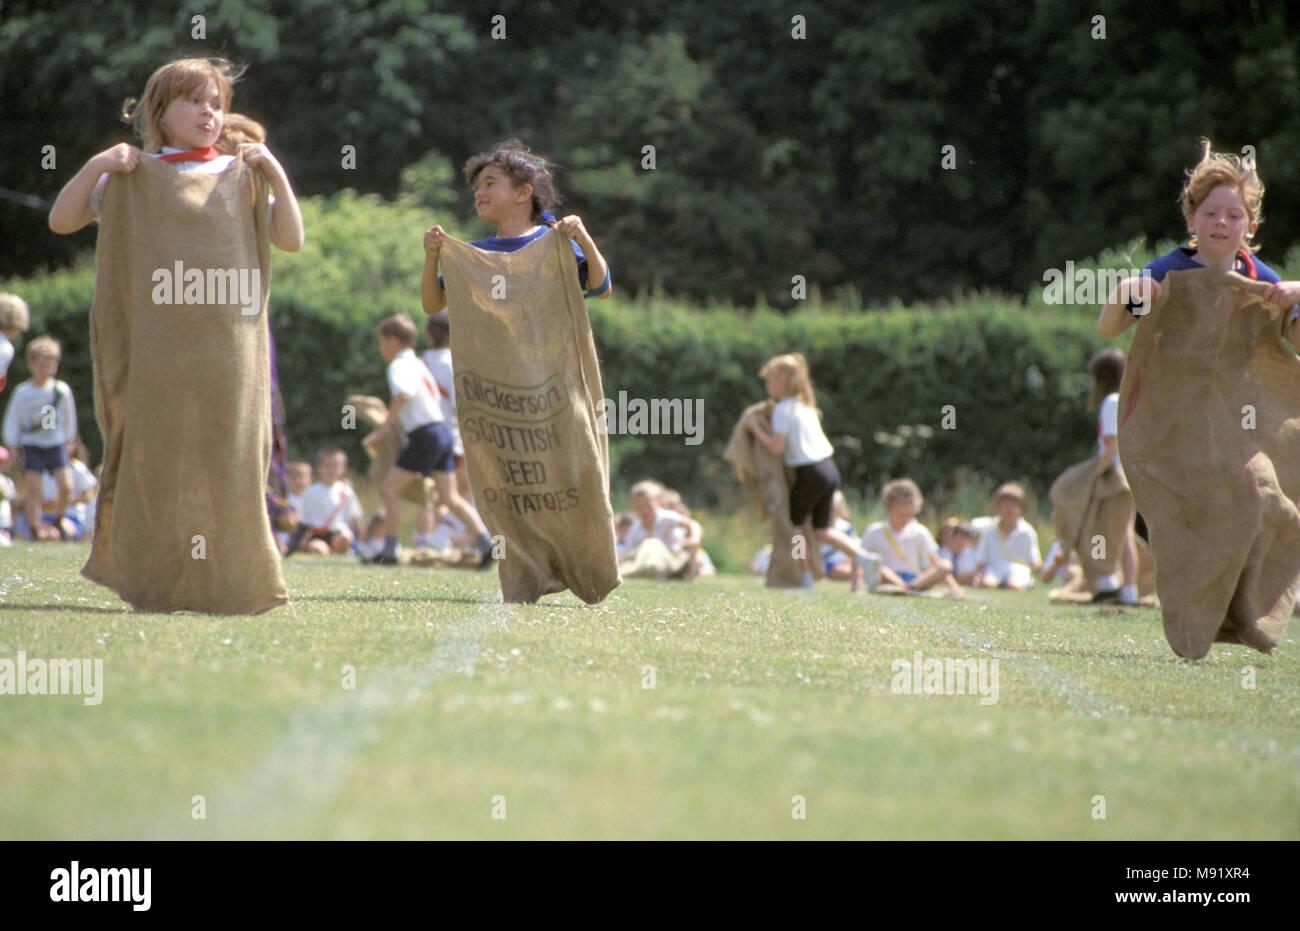 Ragazze competere nel sacco gara durante la scuola primaria la giornata dello sport, England, Regno Unito Immagini Stock